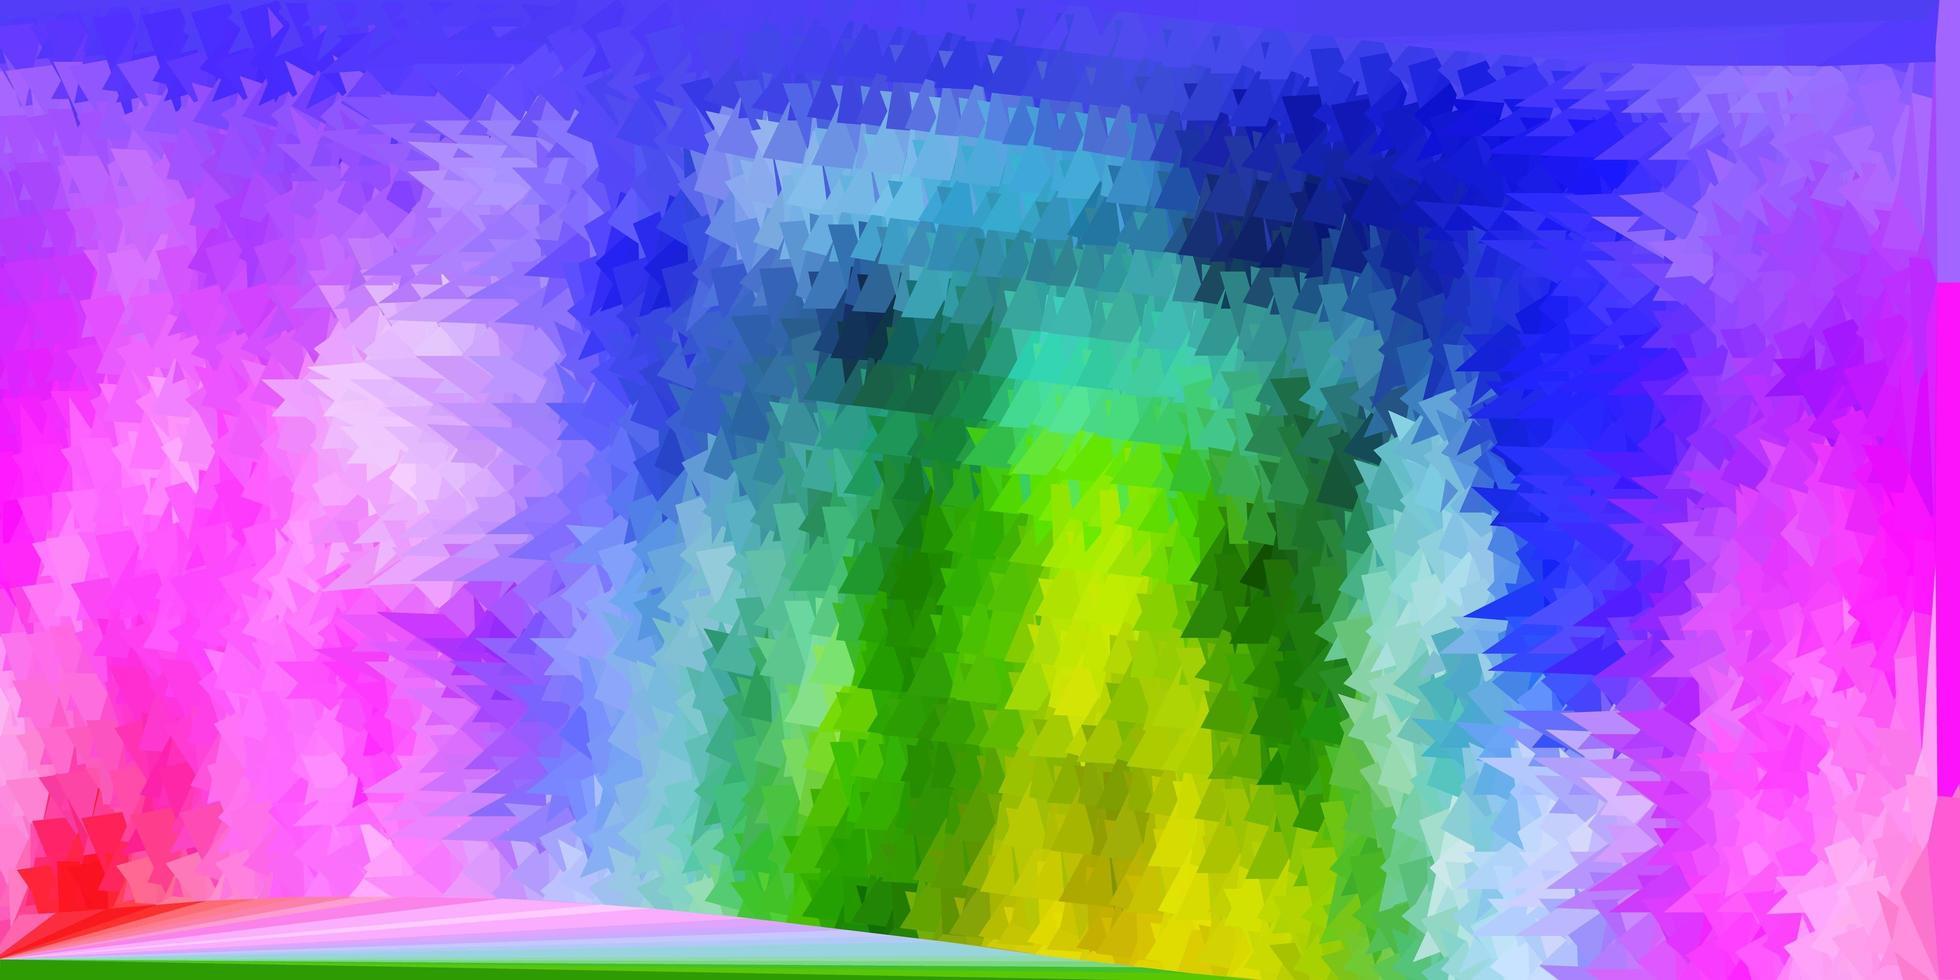 fond de triangle abstrait vecteur multicolore clair.